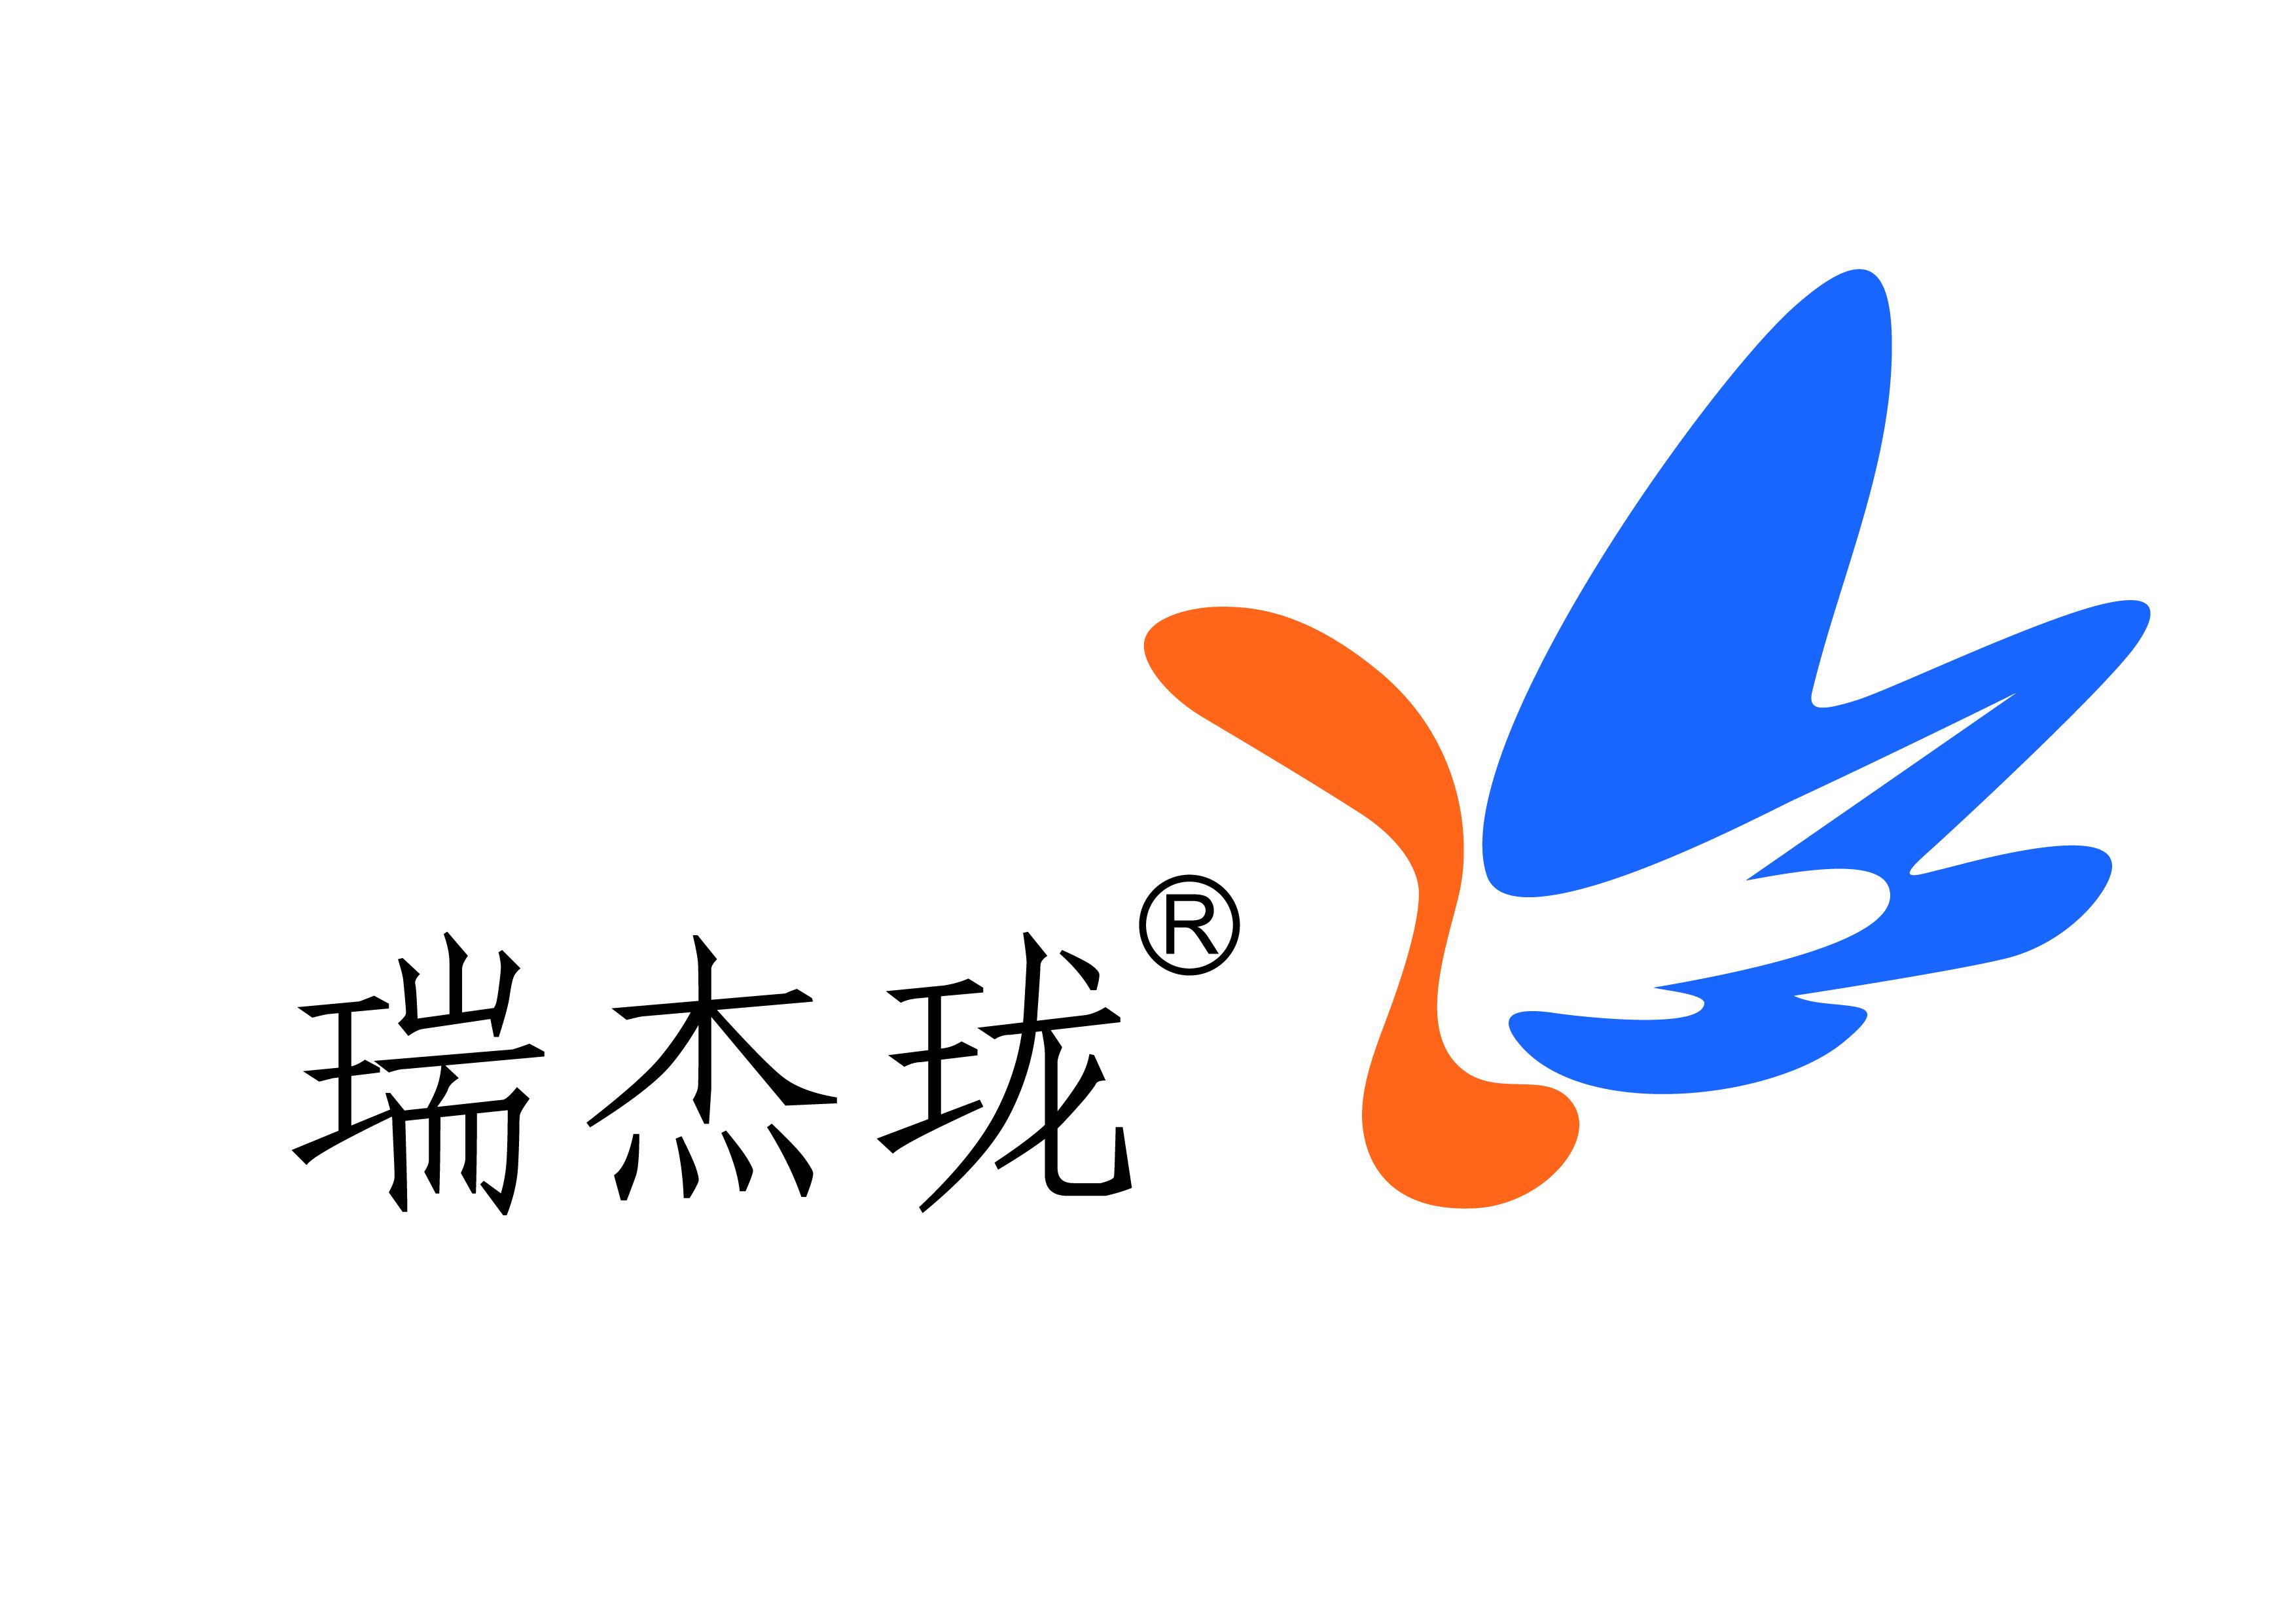 杭州瑞杰珑科技有限公司-2018中国国际福祉博览会暨中国国际康复博览会